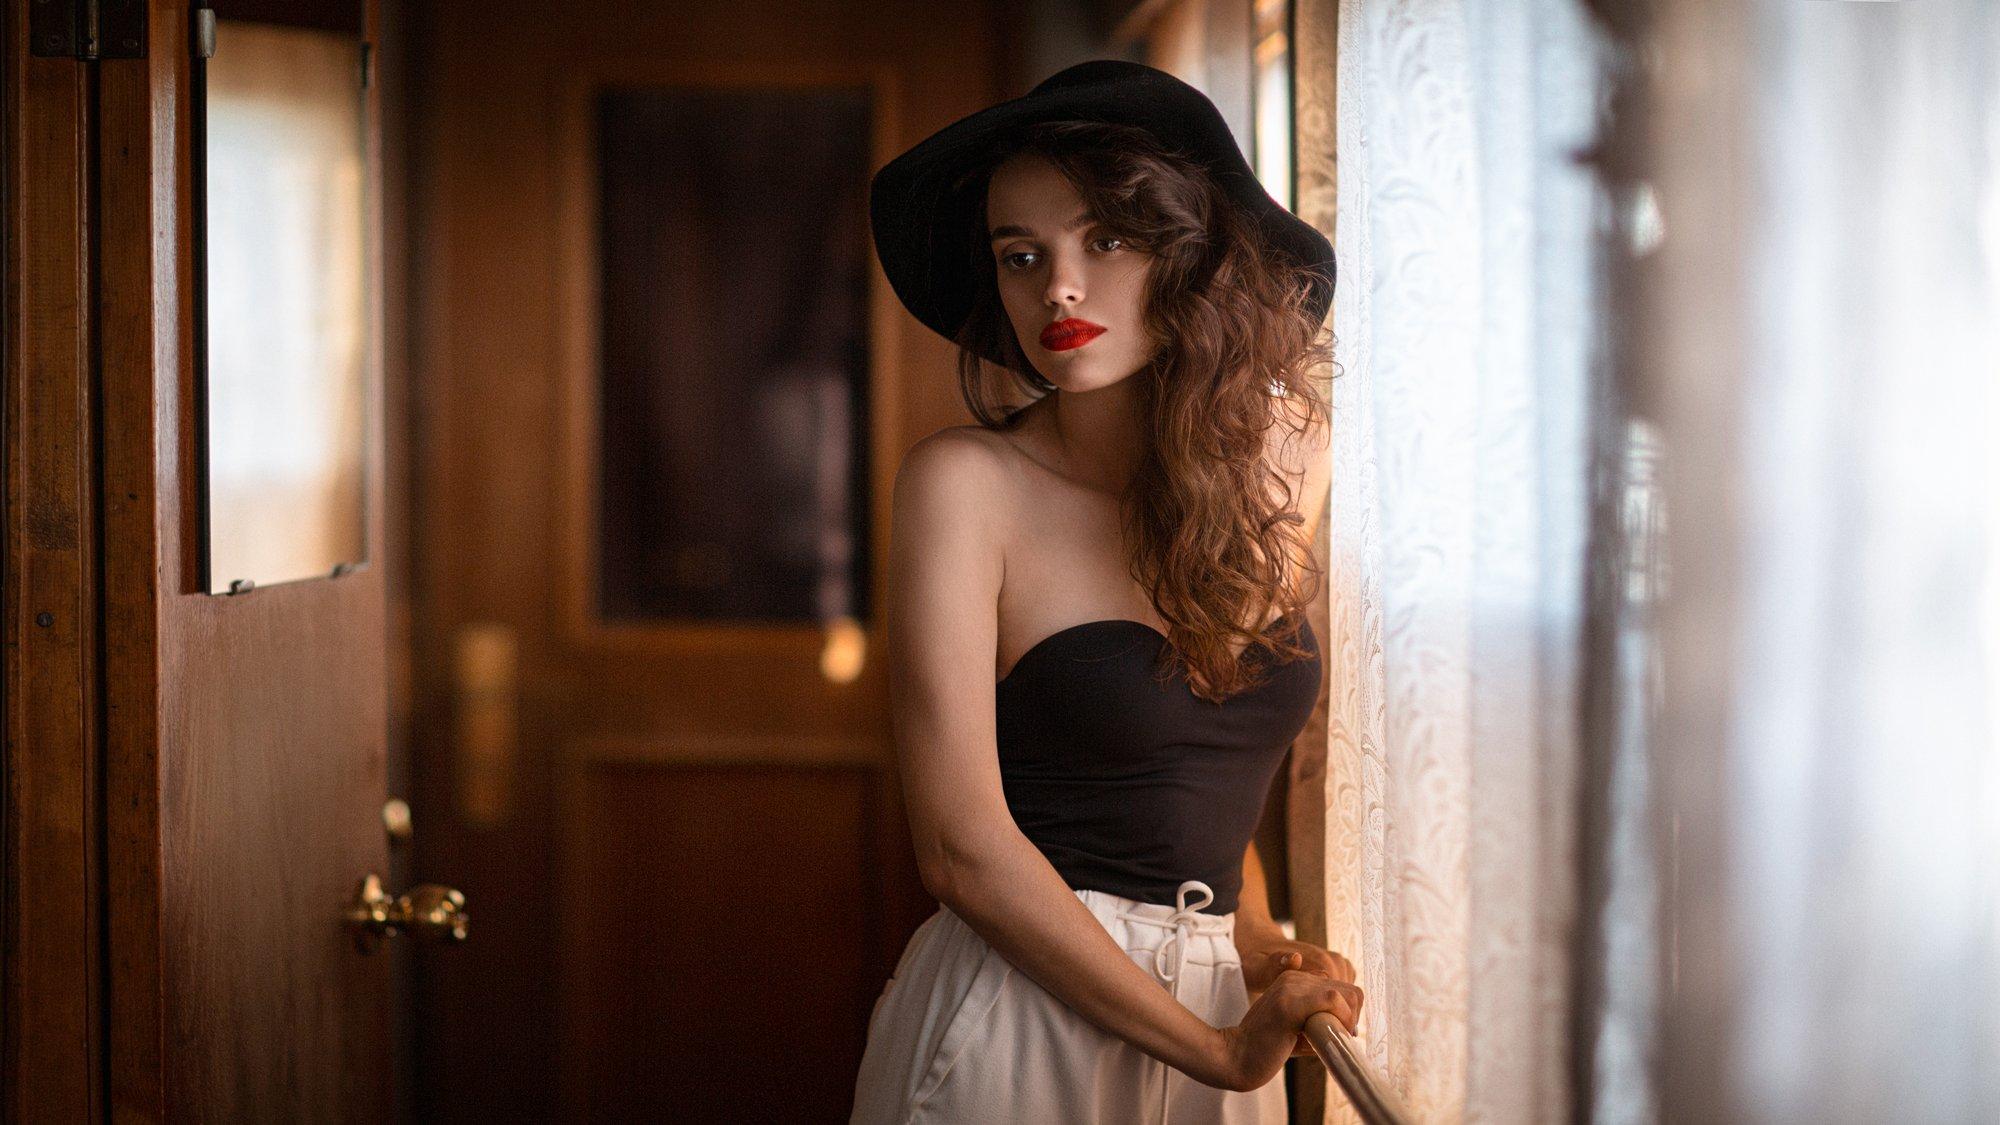 девушка, город, вечер, портрет, арт, поезд, Александр Куренной